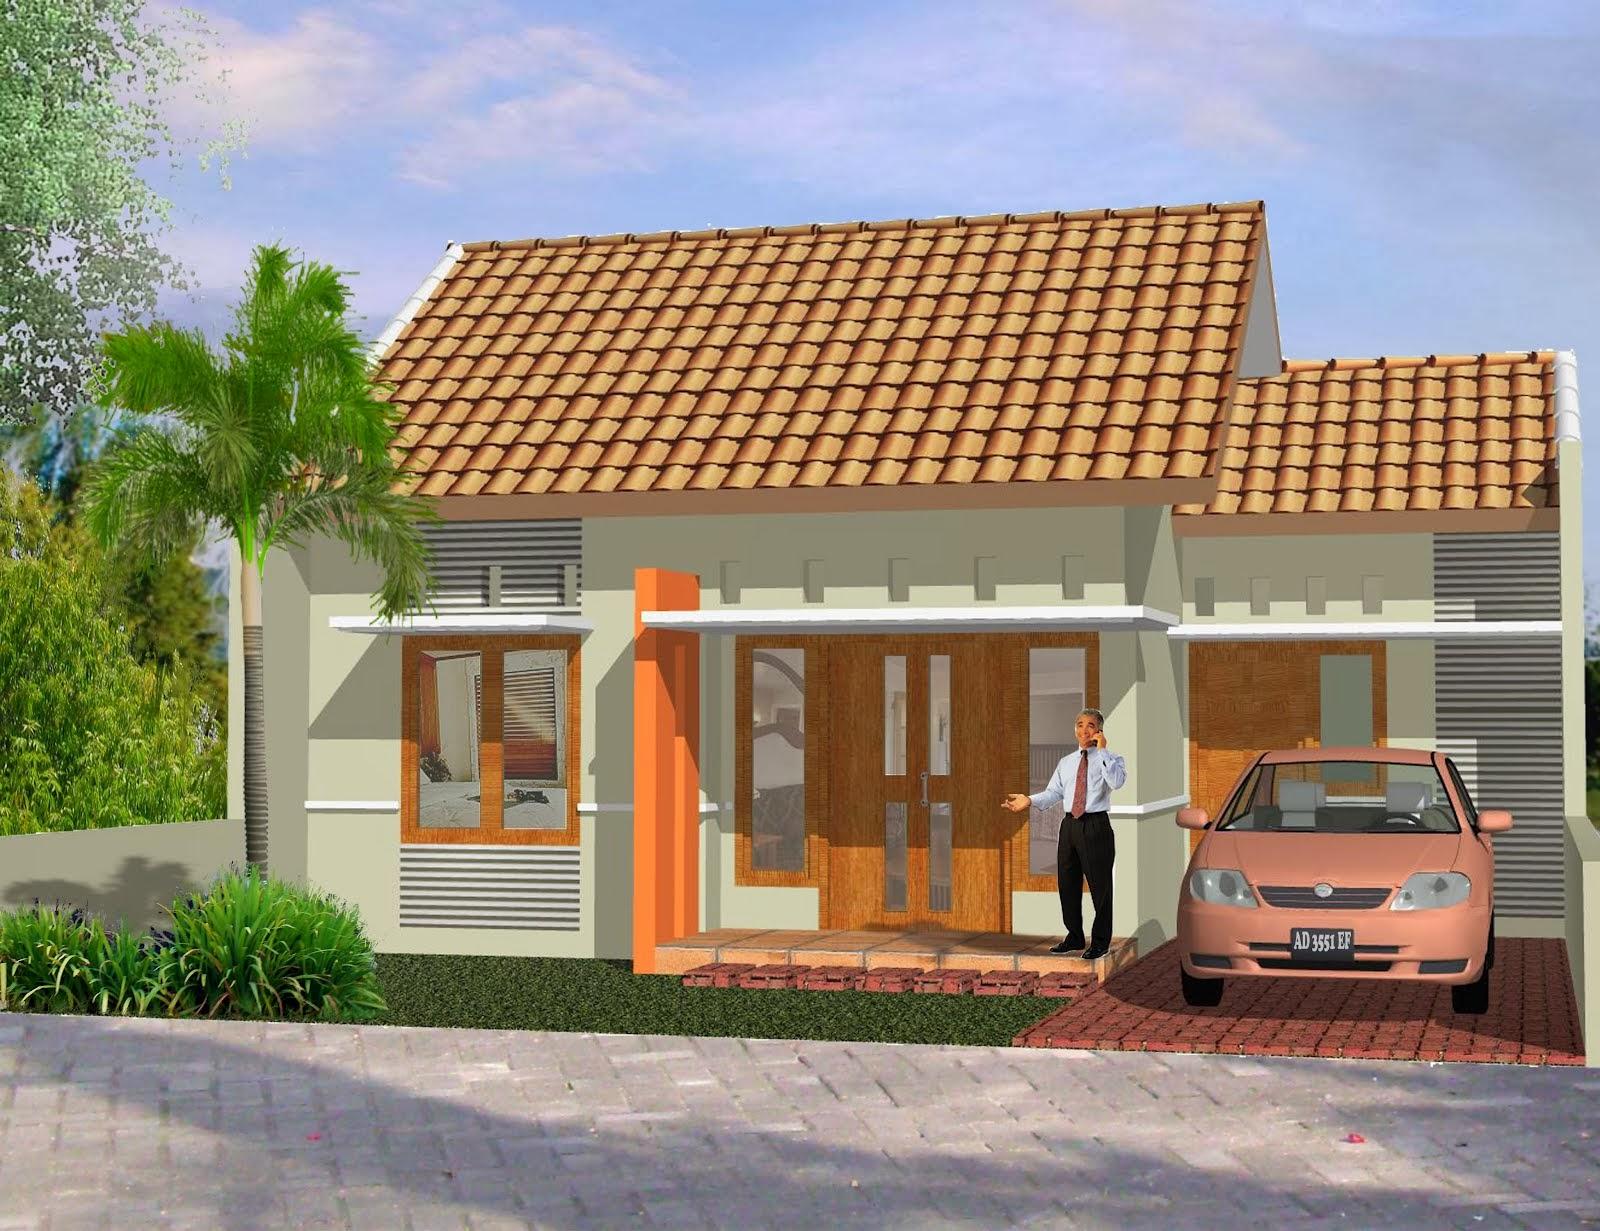 61 Desain Rumah Minimalis Yang Hemat Biaya